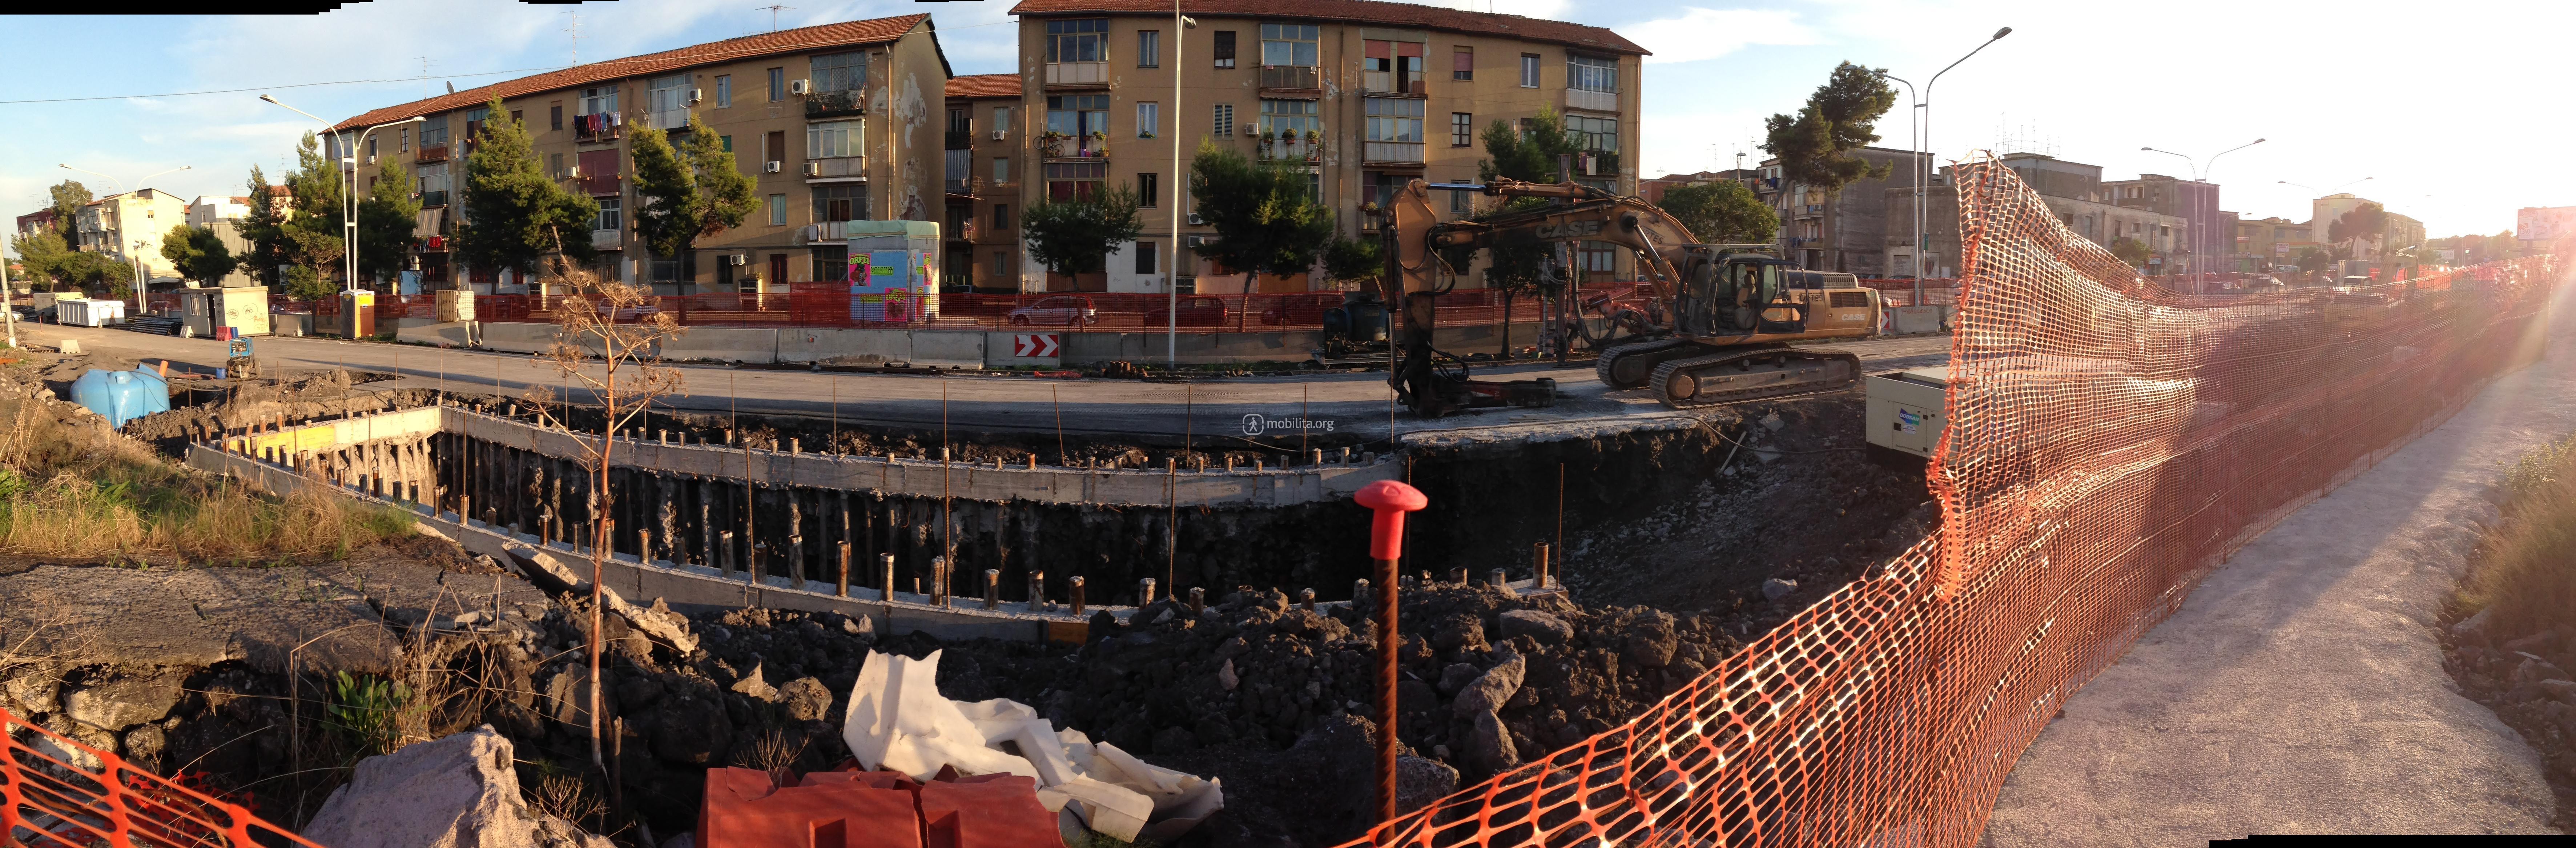 Panoramica del cantiere di Nesima, lato nord [foto Luigi Sciarrone]